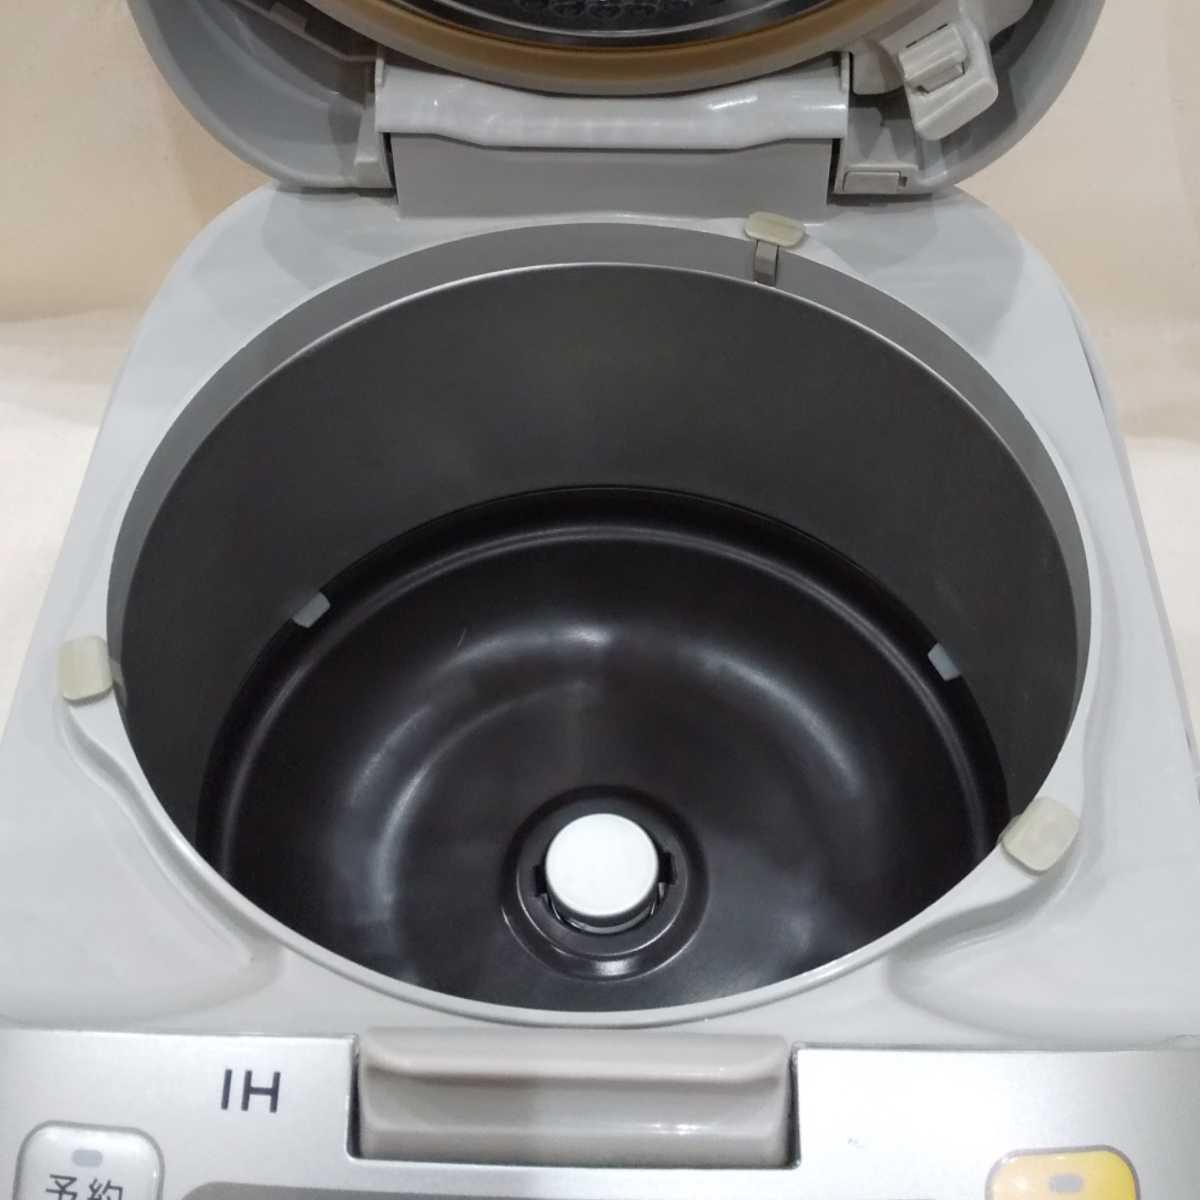 Panasonic パナソニック 炊飯器 SR-HVE1500 中古 キズあり